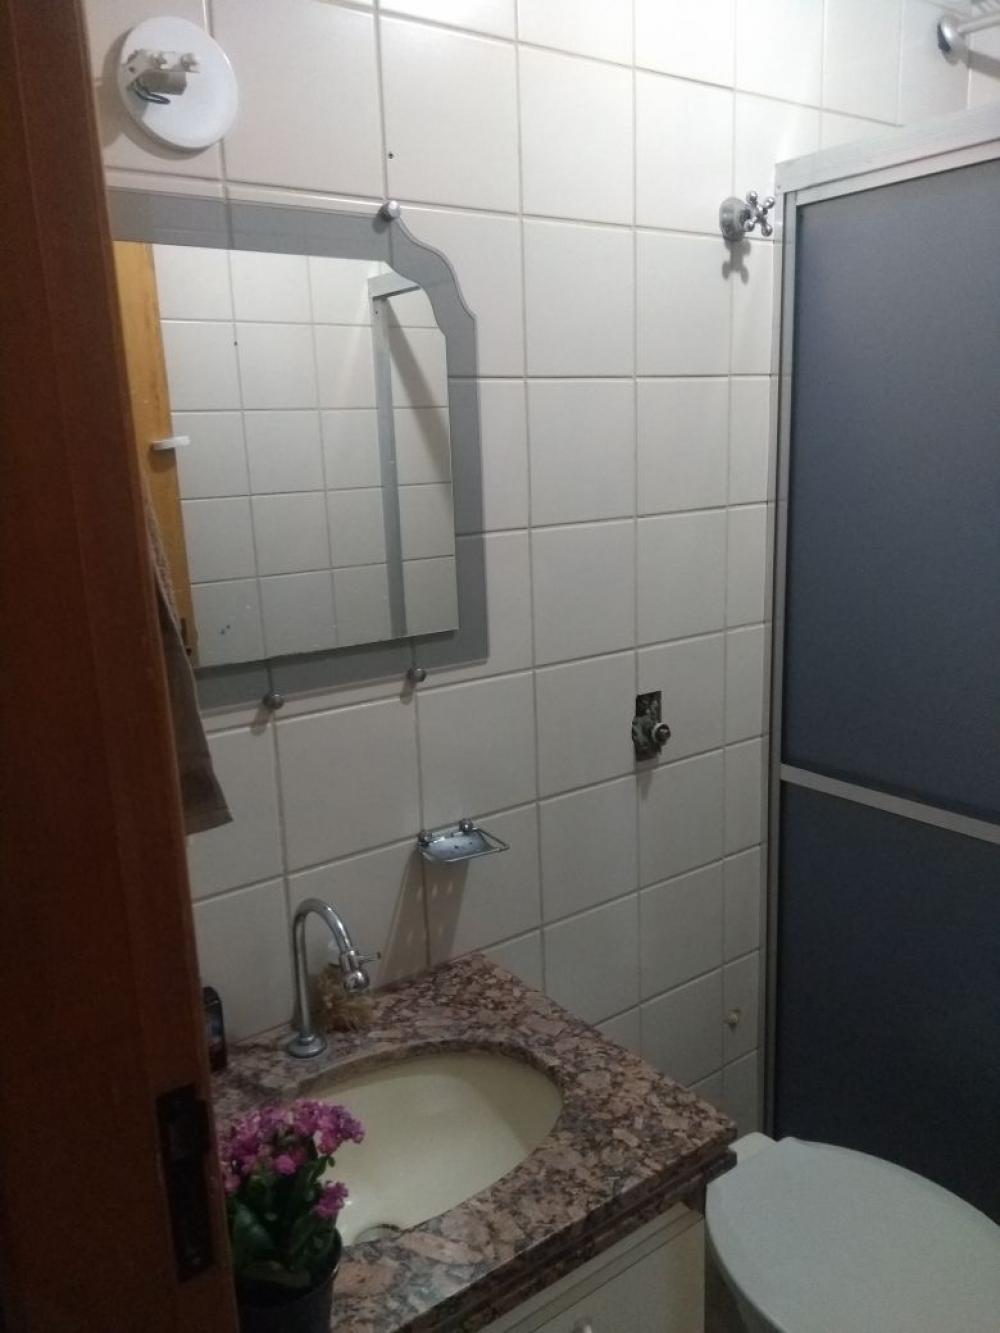 Comprar Apartamento / Padrão em São José do Rio Preto R$ 270.000,00 - Foto 12